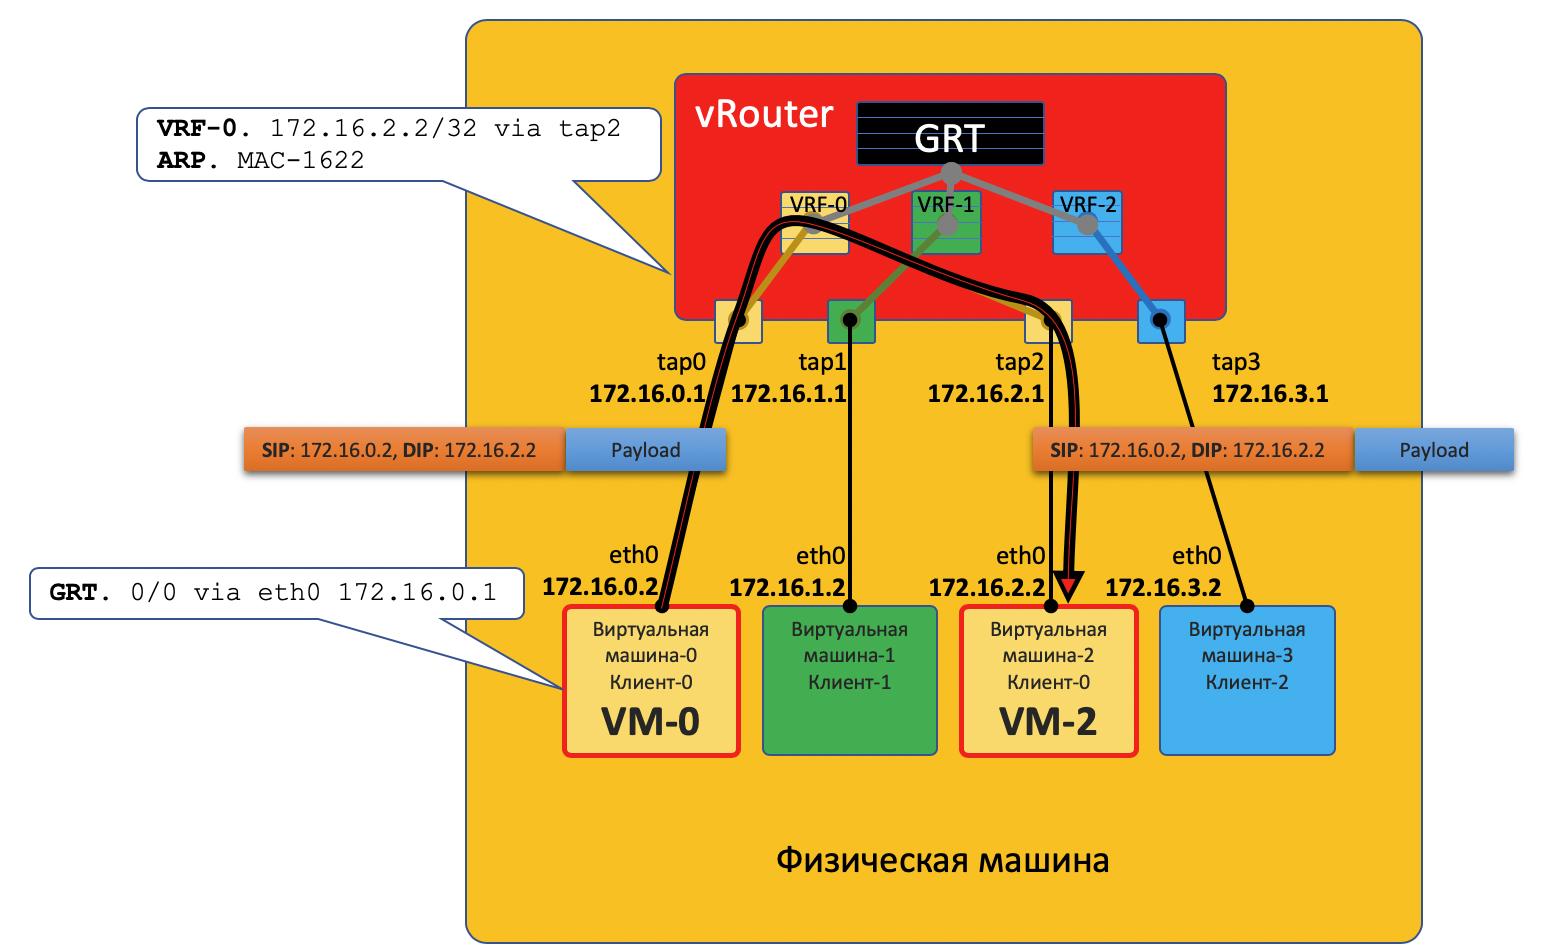 Автоматизация Для Самых Маленьких. Часть первая (которая после нулевой). Виртуализация сети - 12